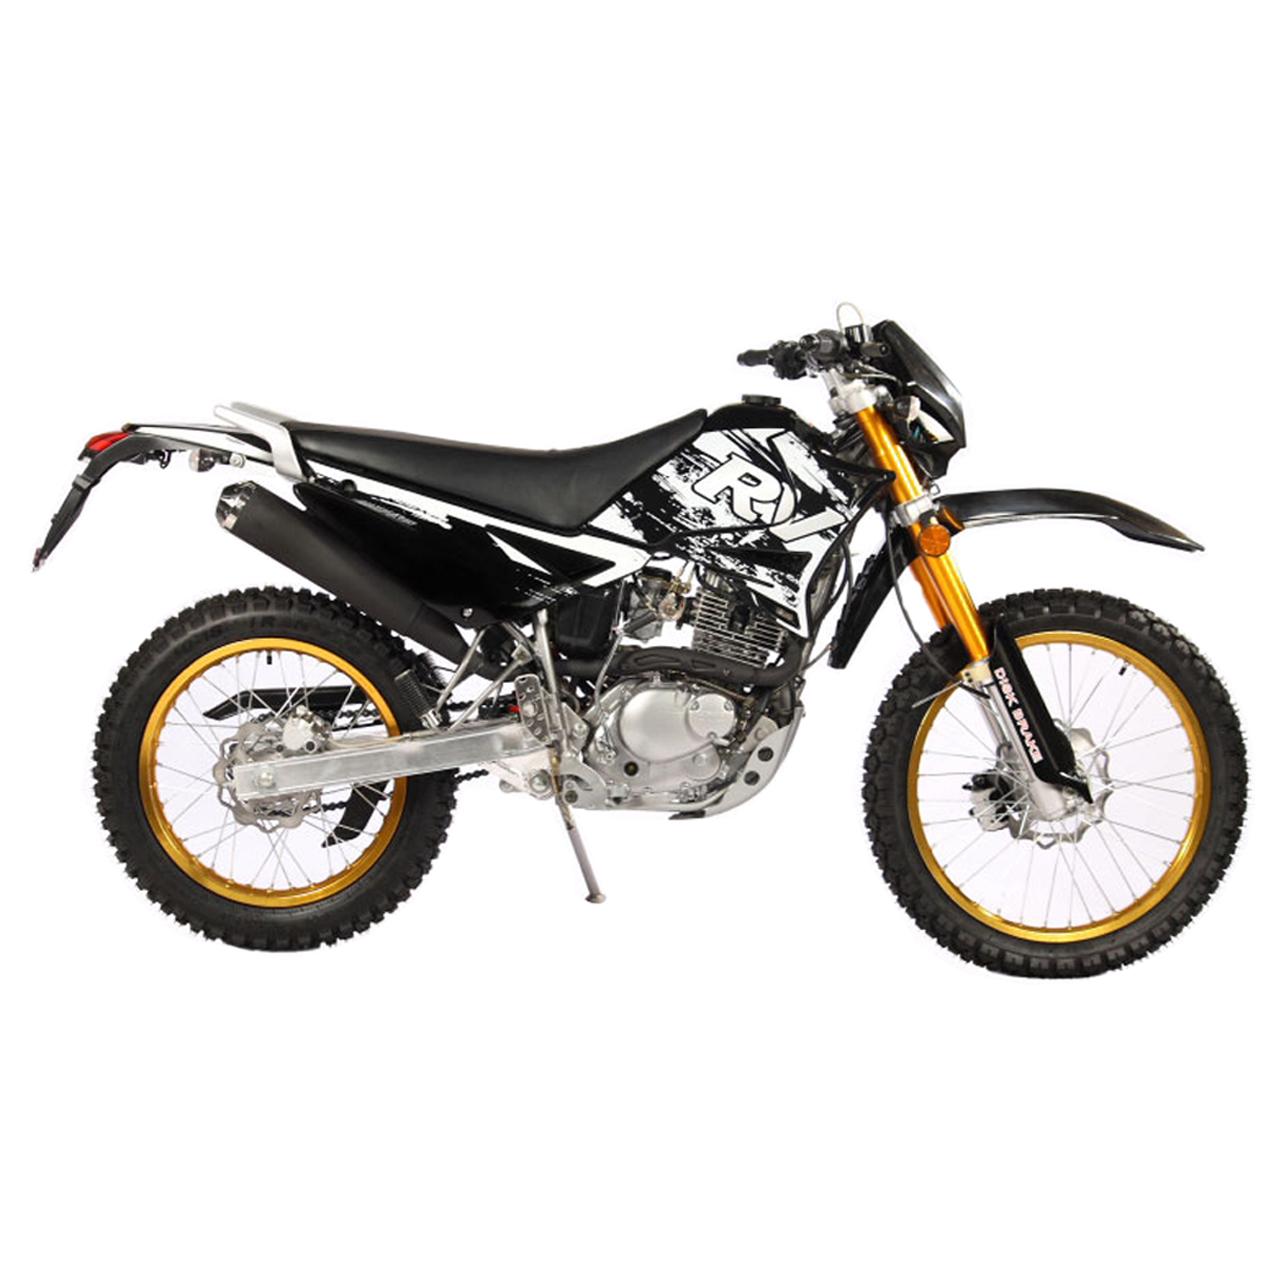 موتورسیکلت تریل روان مدل QM200 سال ۱۳۹۸